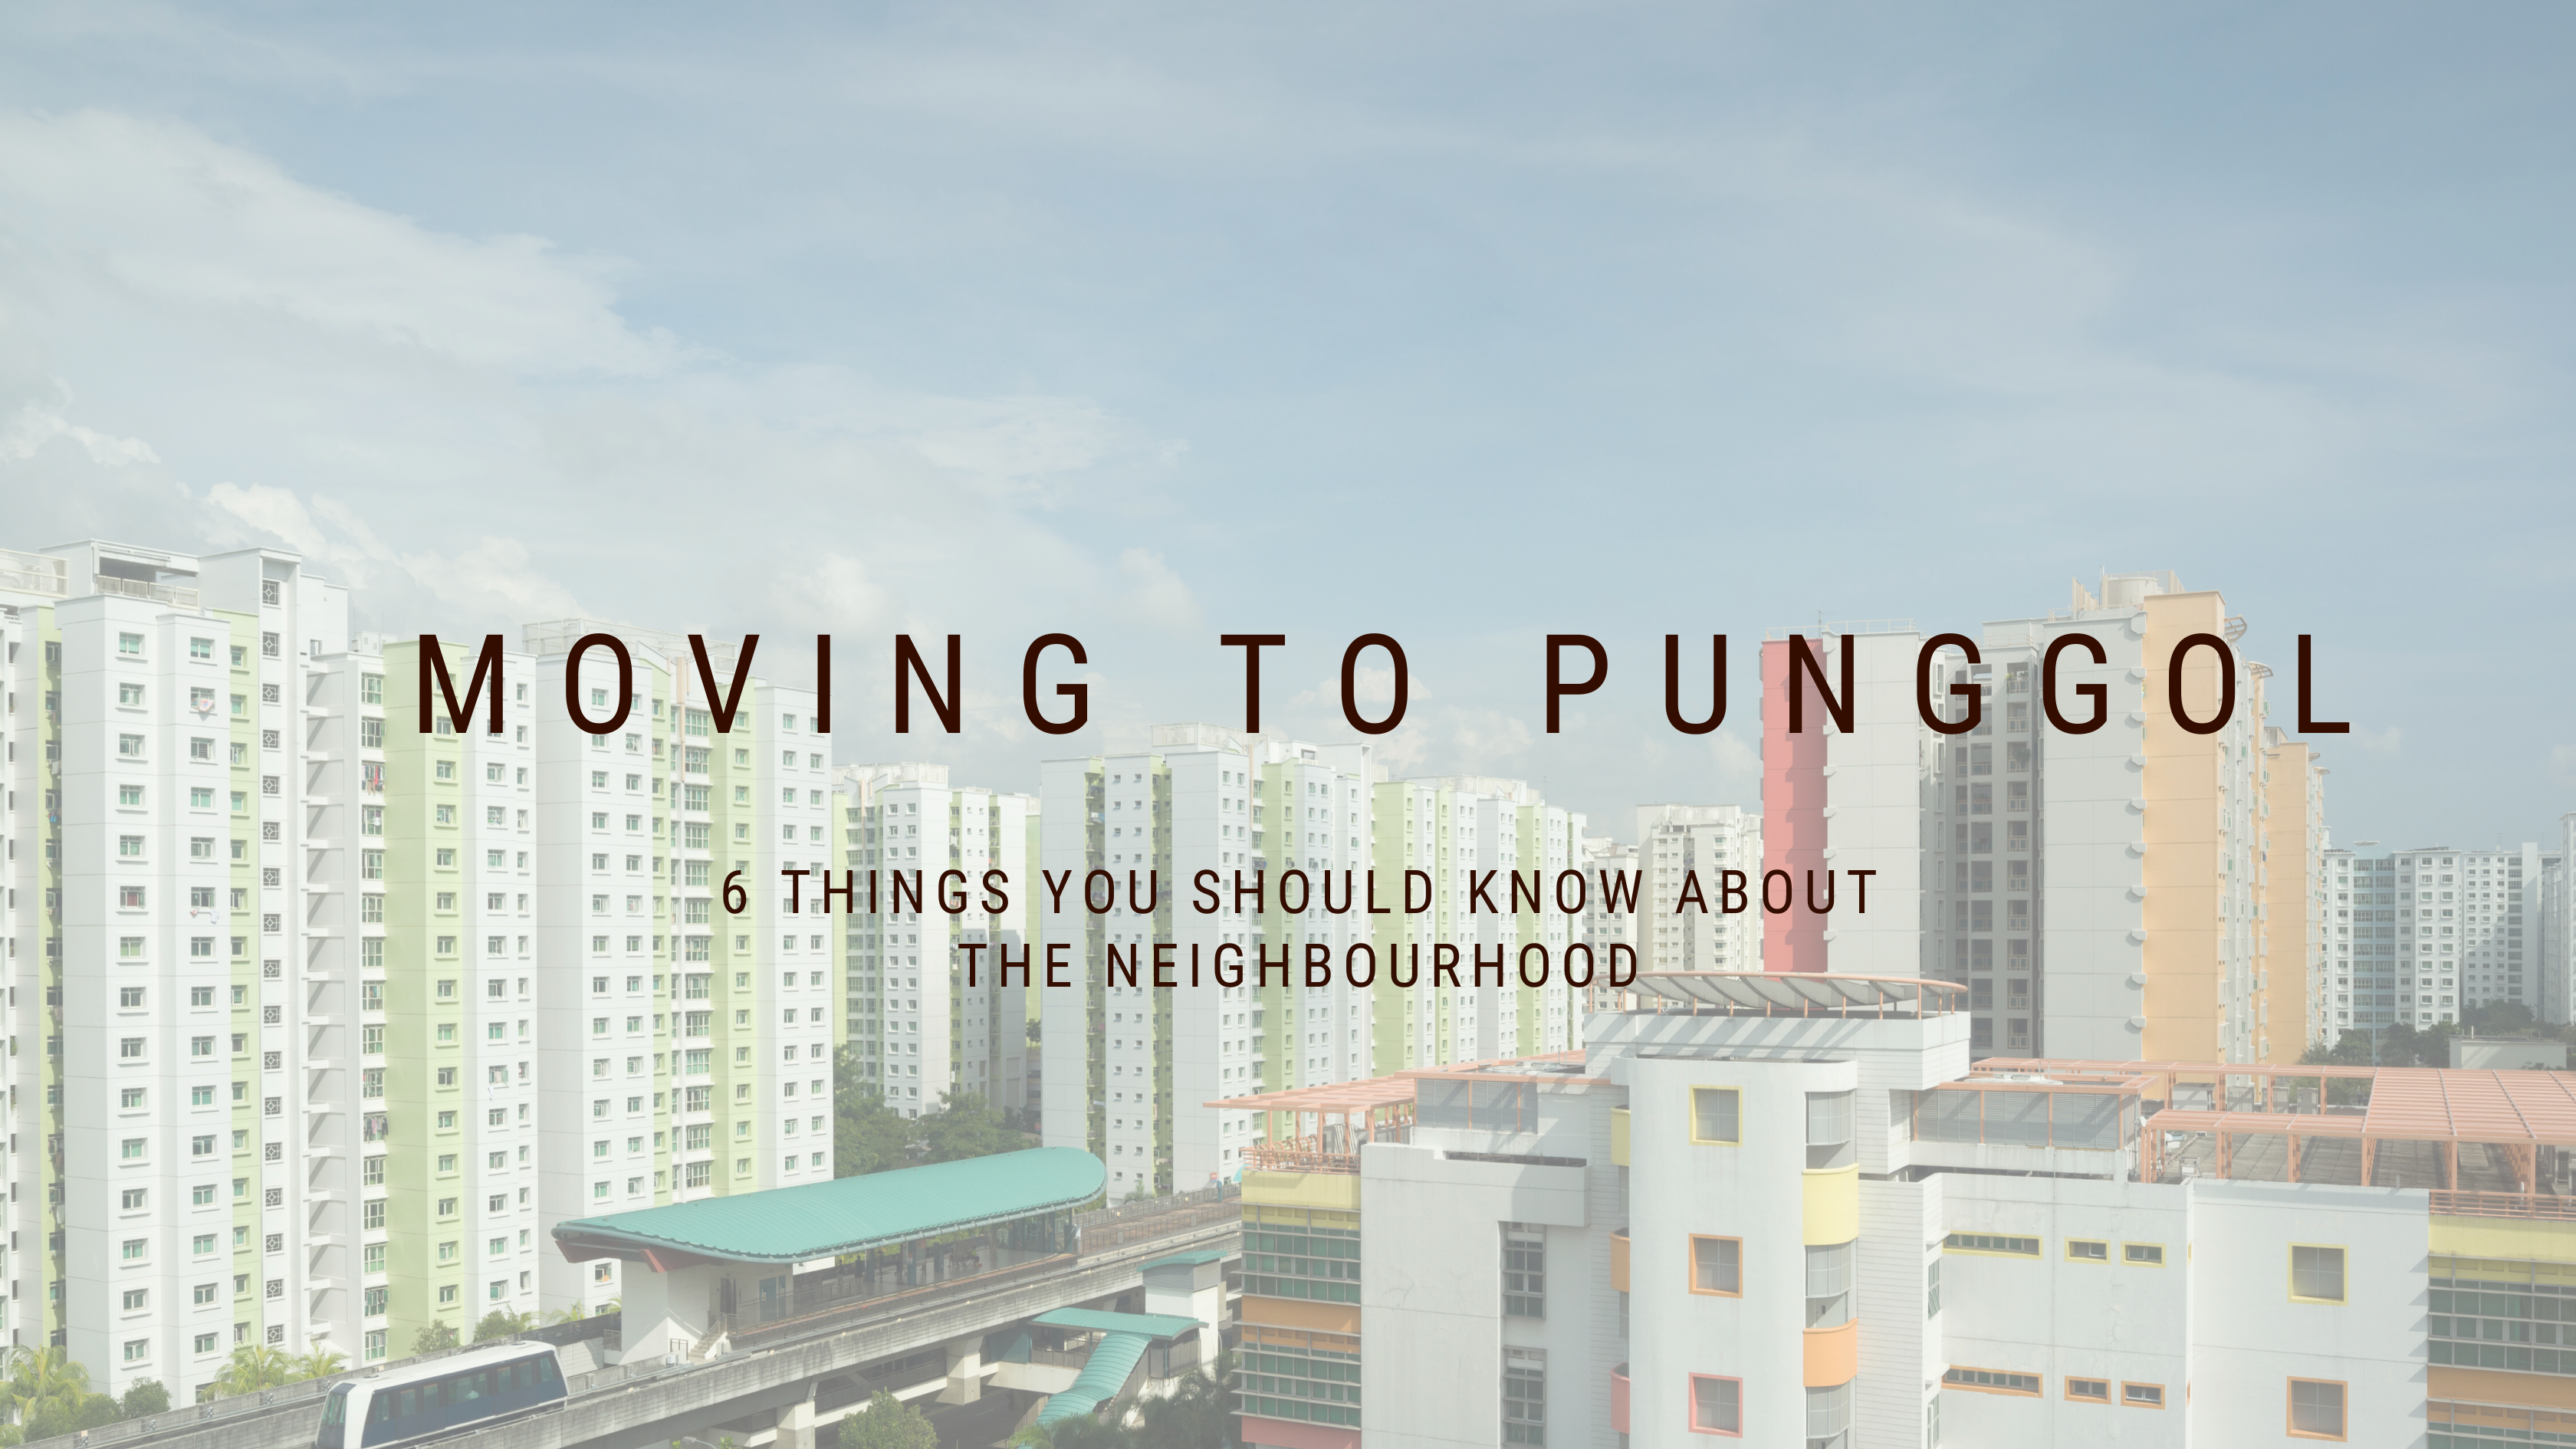 Blog on Moving to Punggol